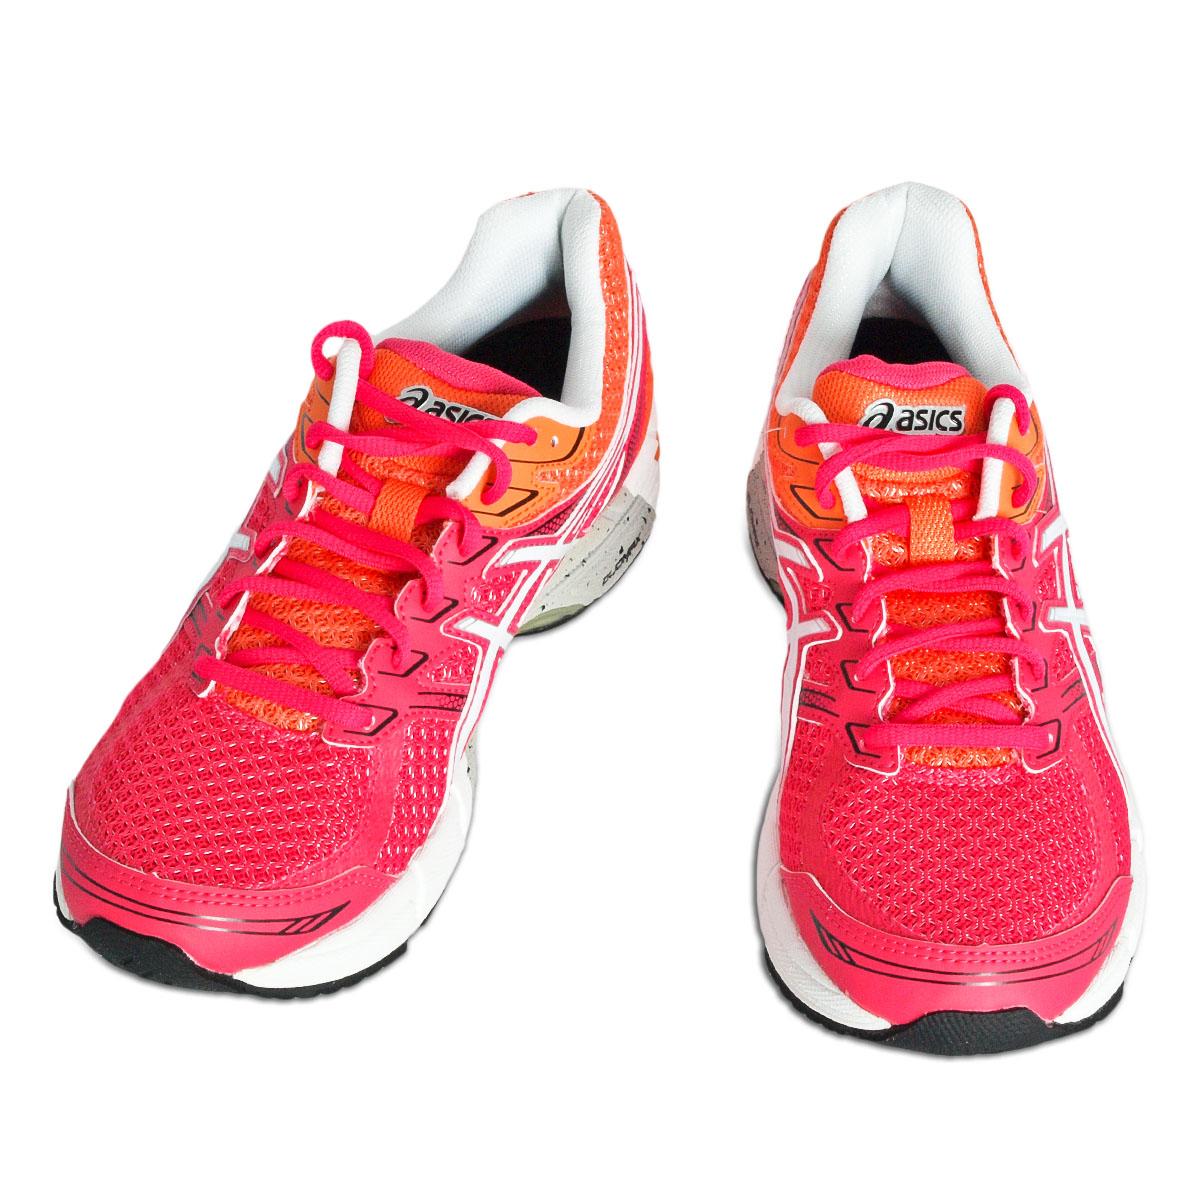 asics womens gel 6 shoes size uk 7 7 5 ebay